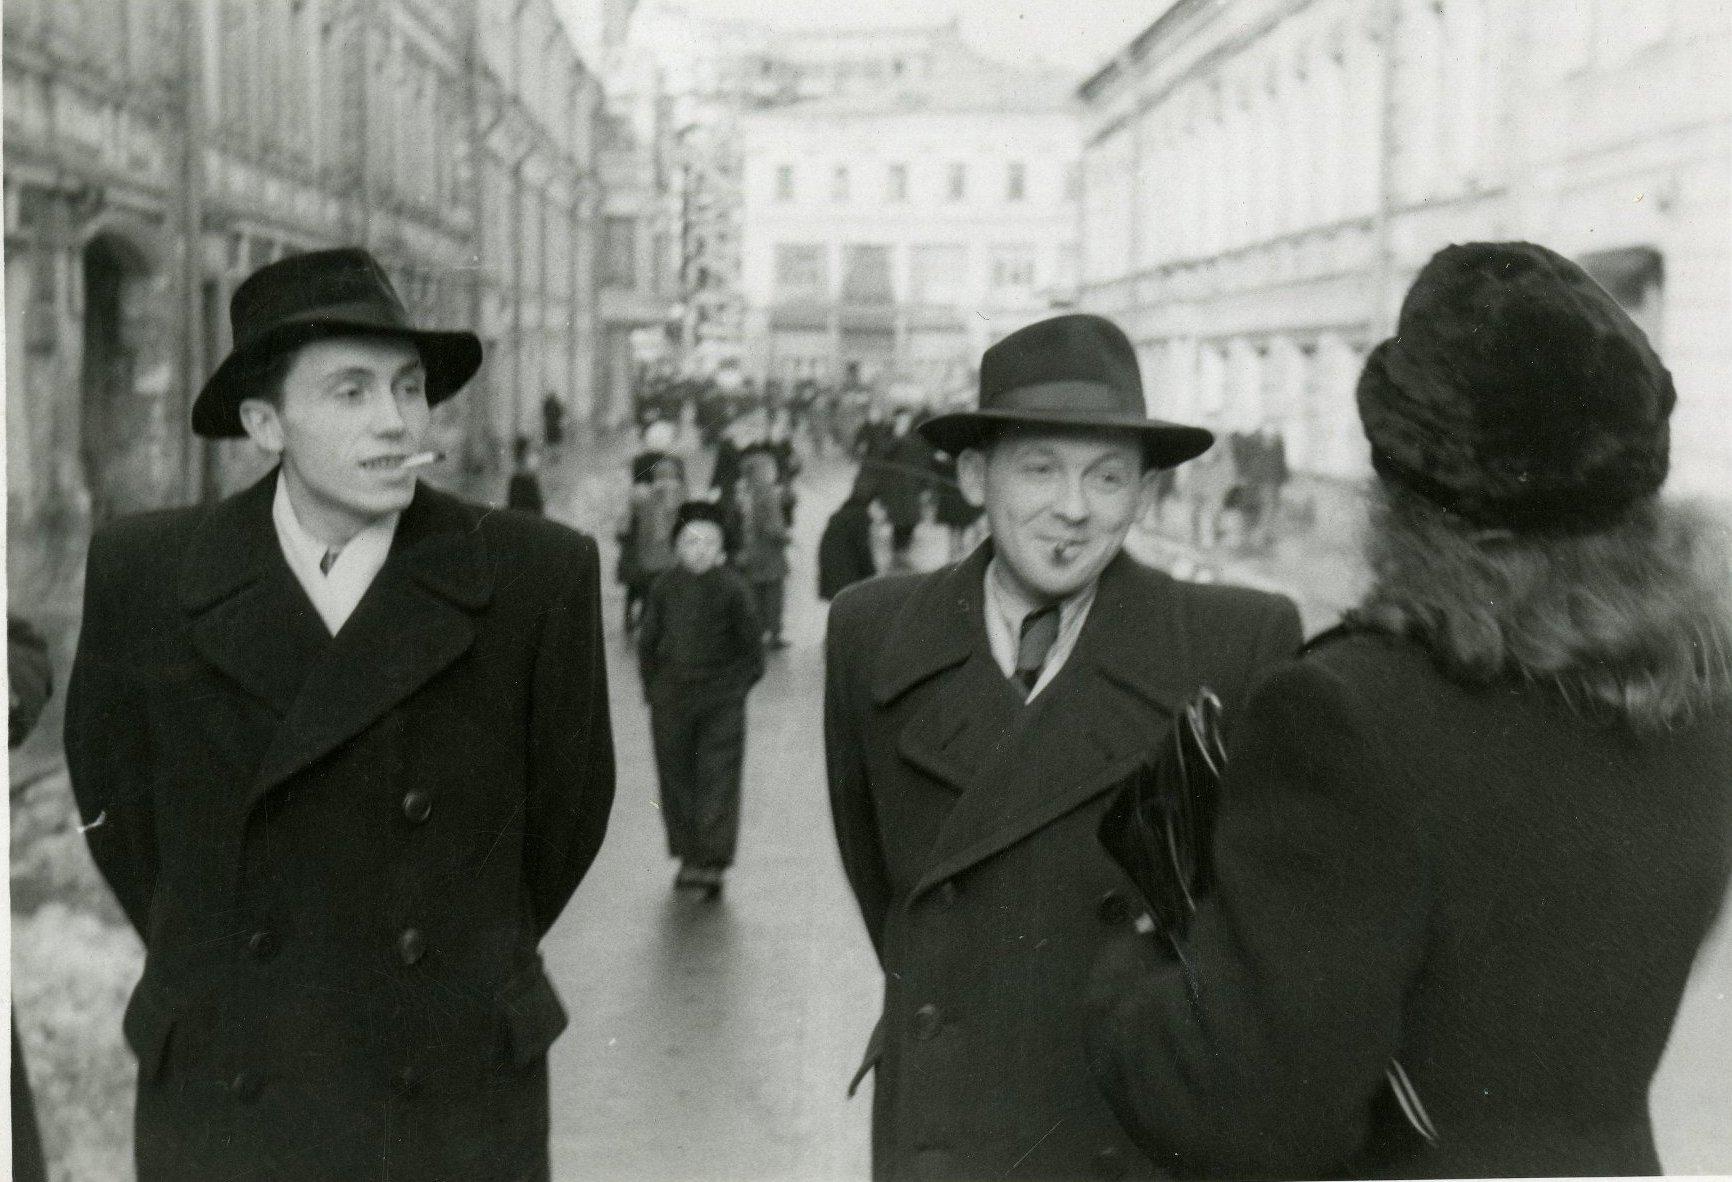 1952. Двое неизвестных мужчин в пальто и шляпах в Дмитровском переулке